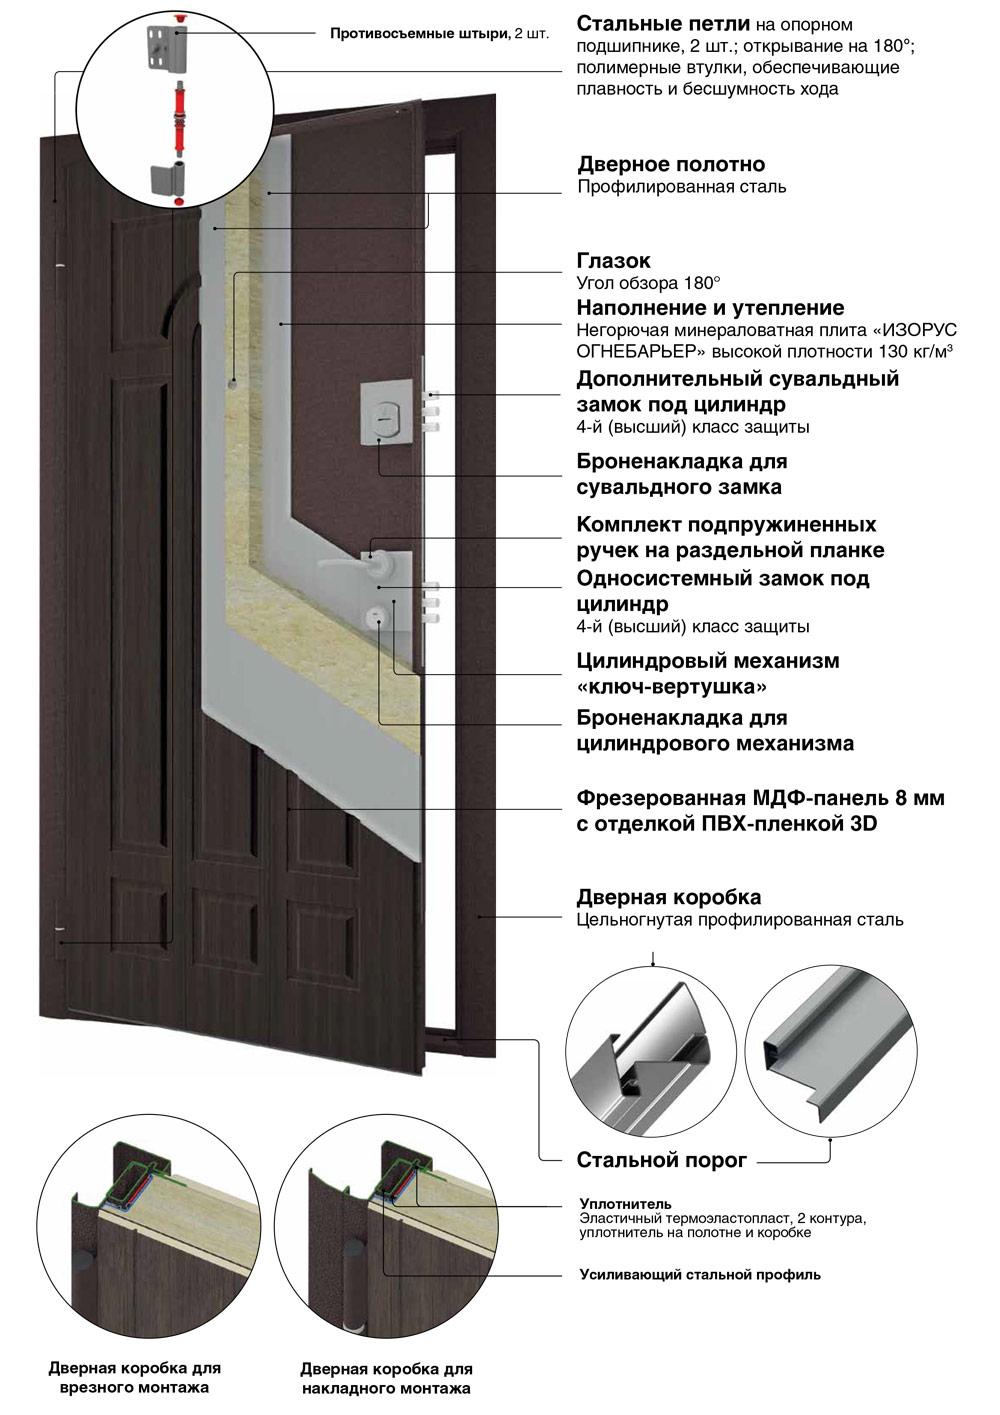 конструкция дверей премиум